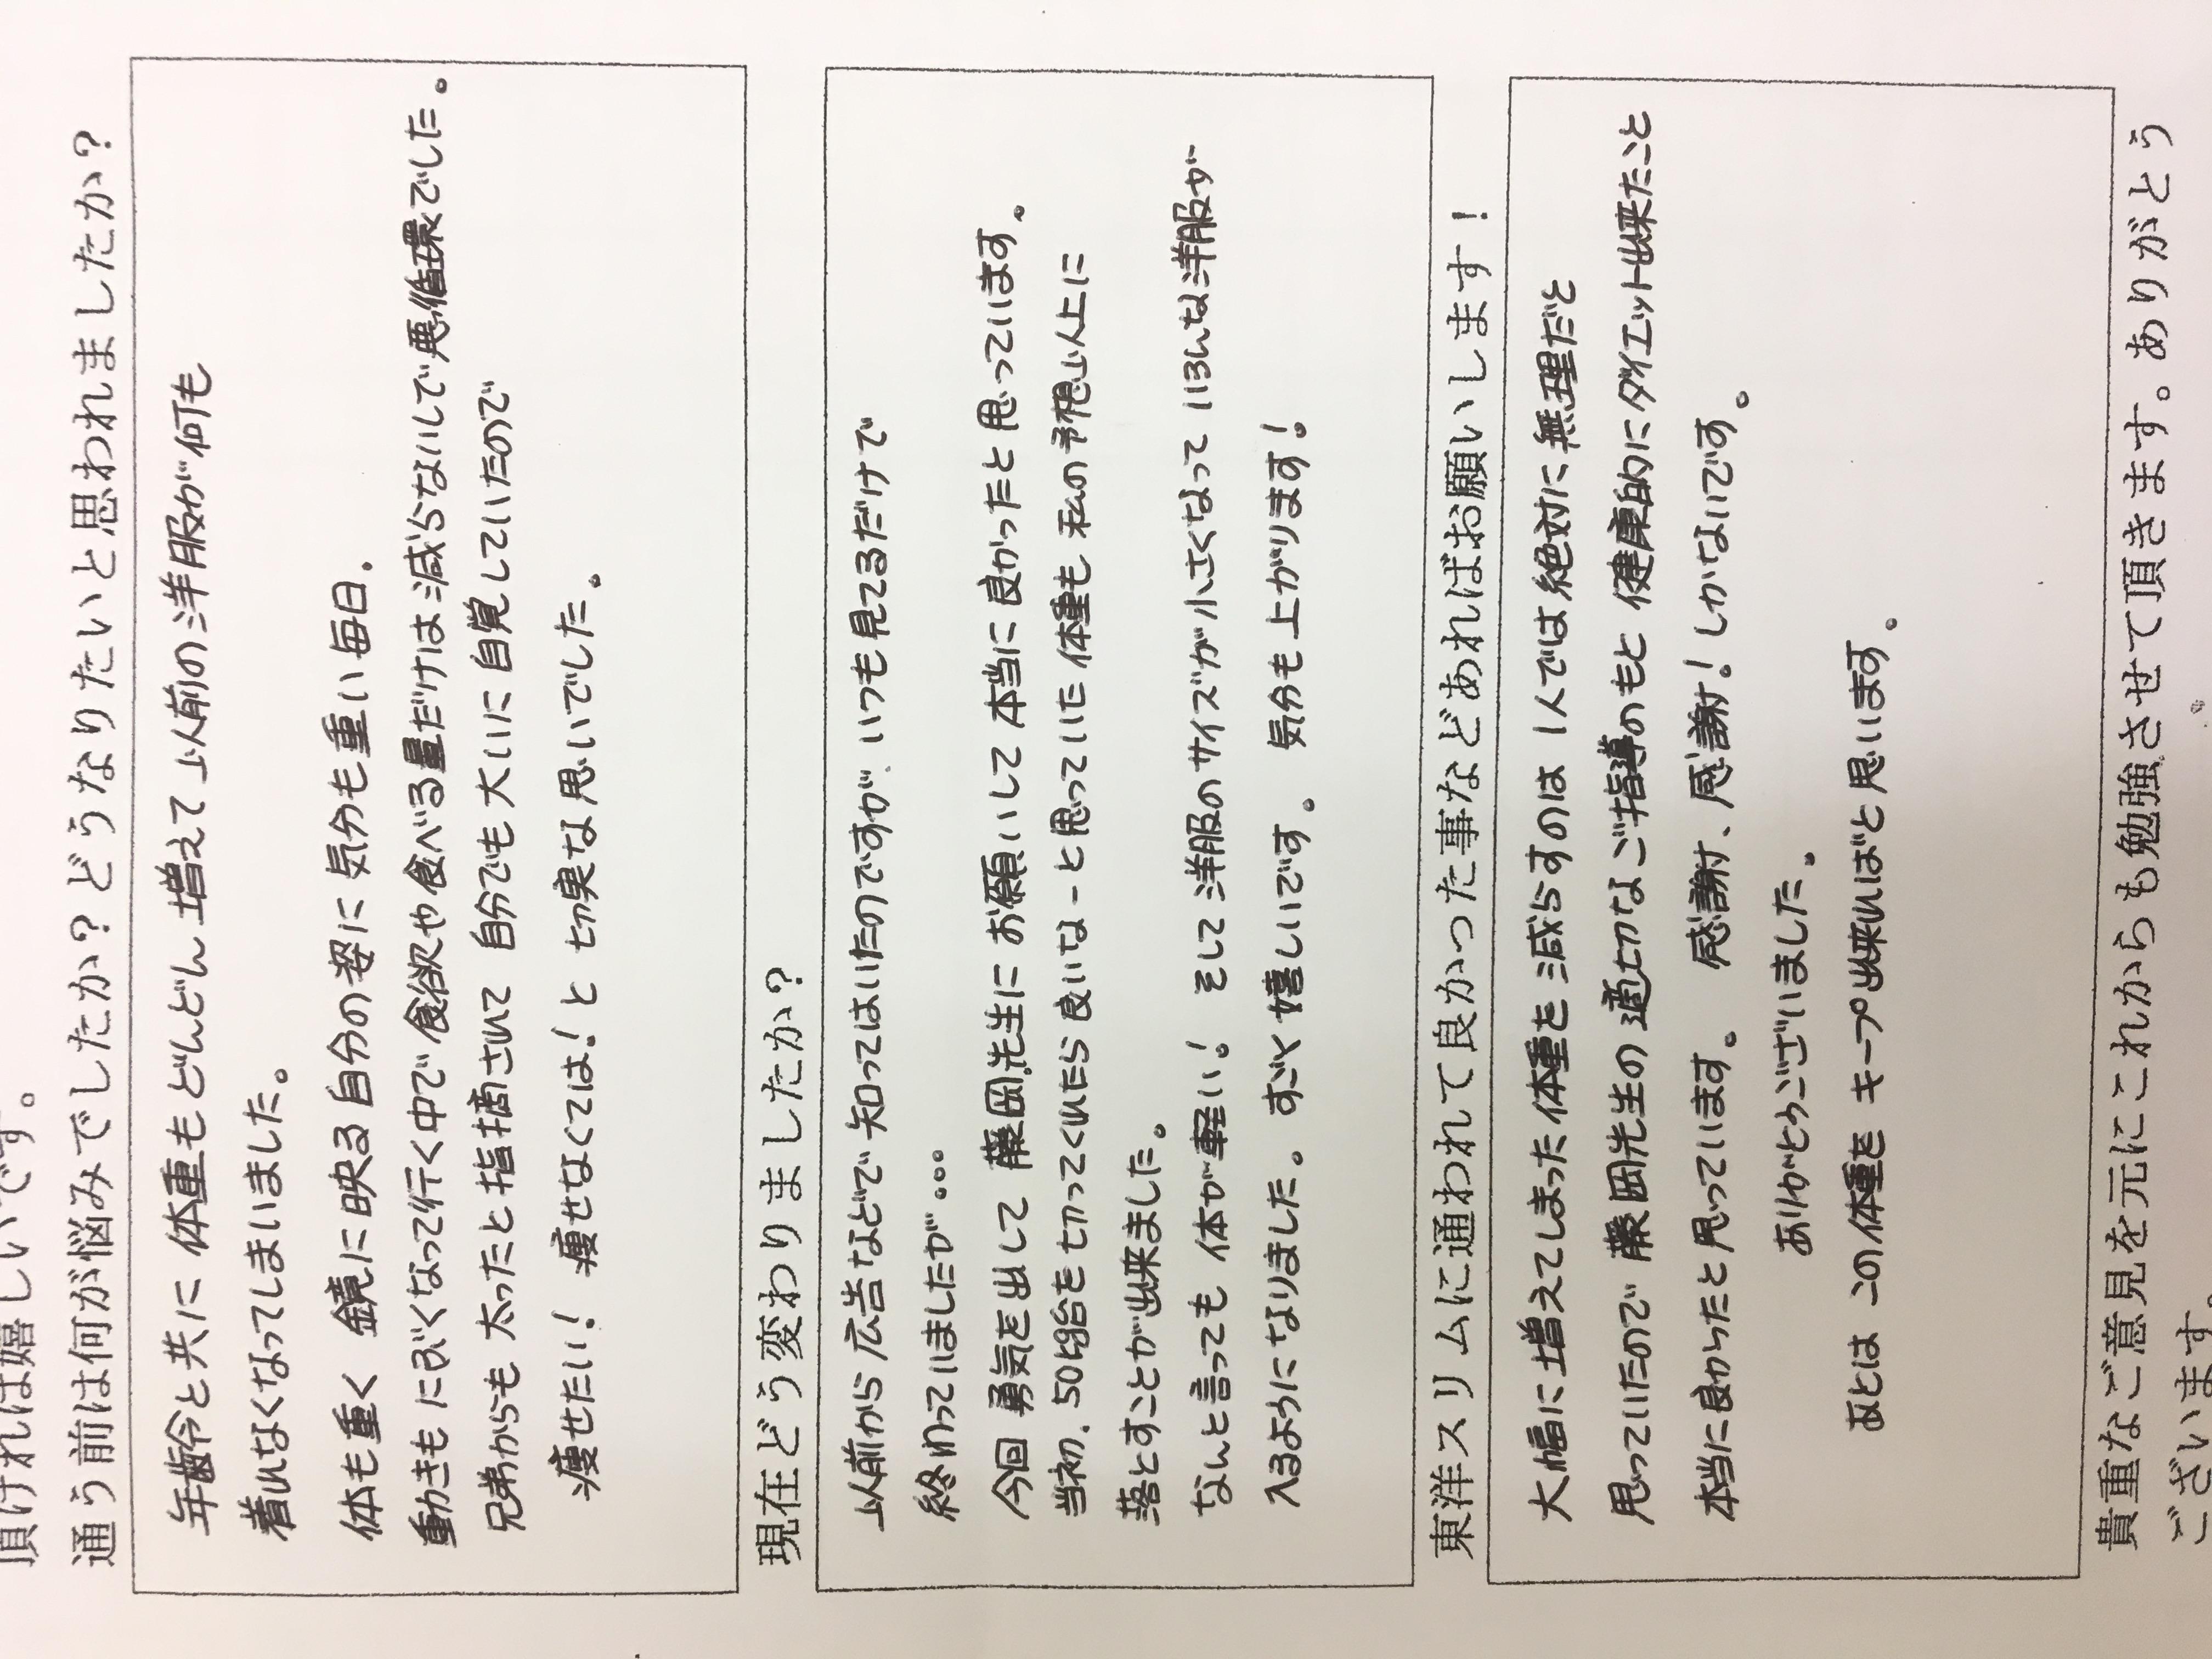 [皆様の声]大阪府松原市Hさん(50代)耳つぼダイエット10kg成功 健康的にダイエットできた。